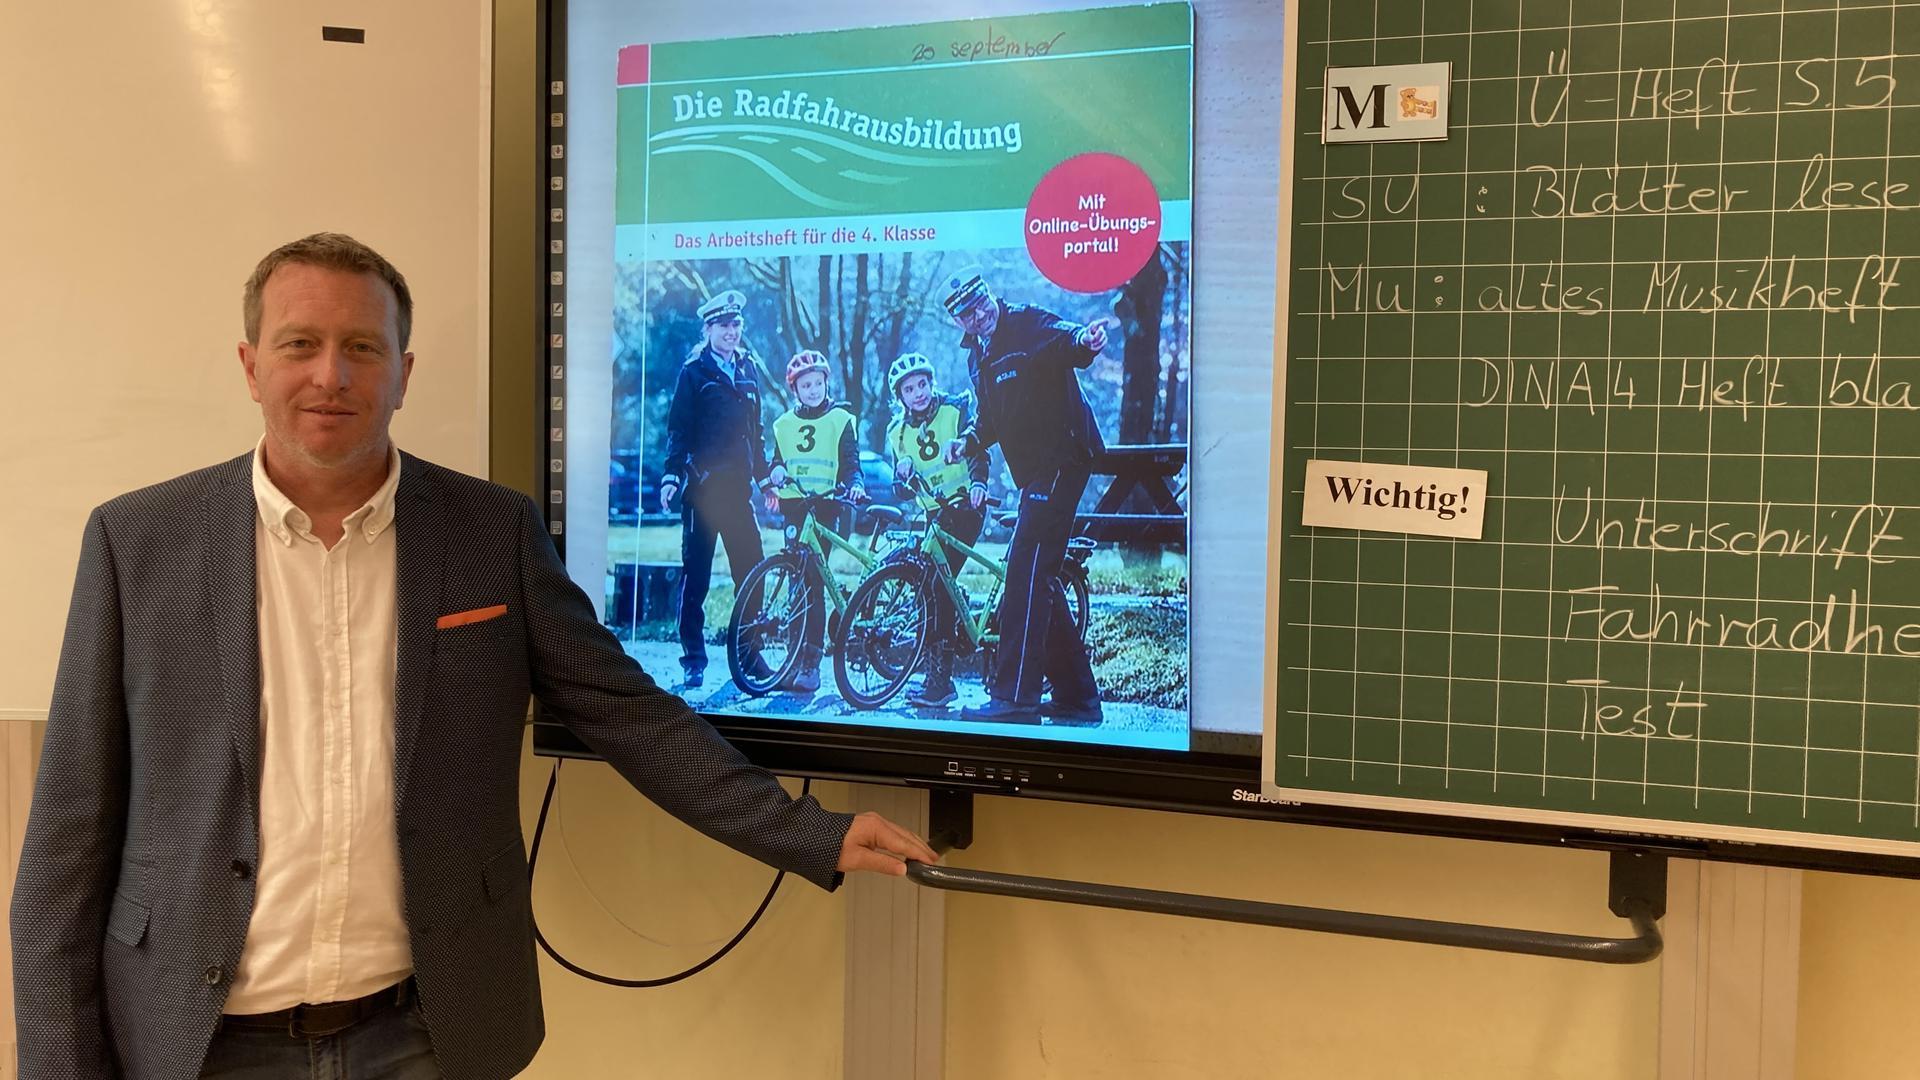 Ein Mann an einer digitalen Tafel